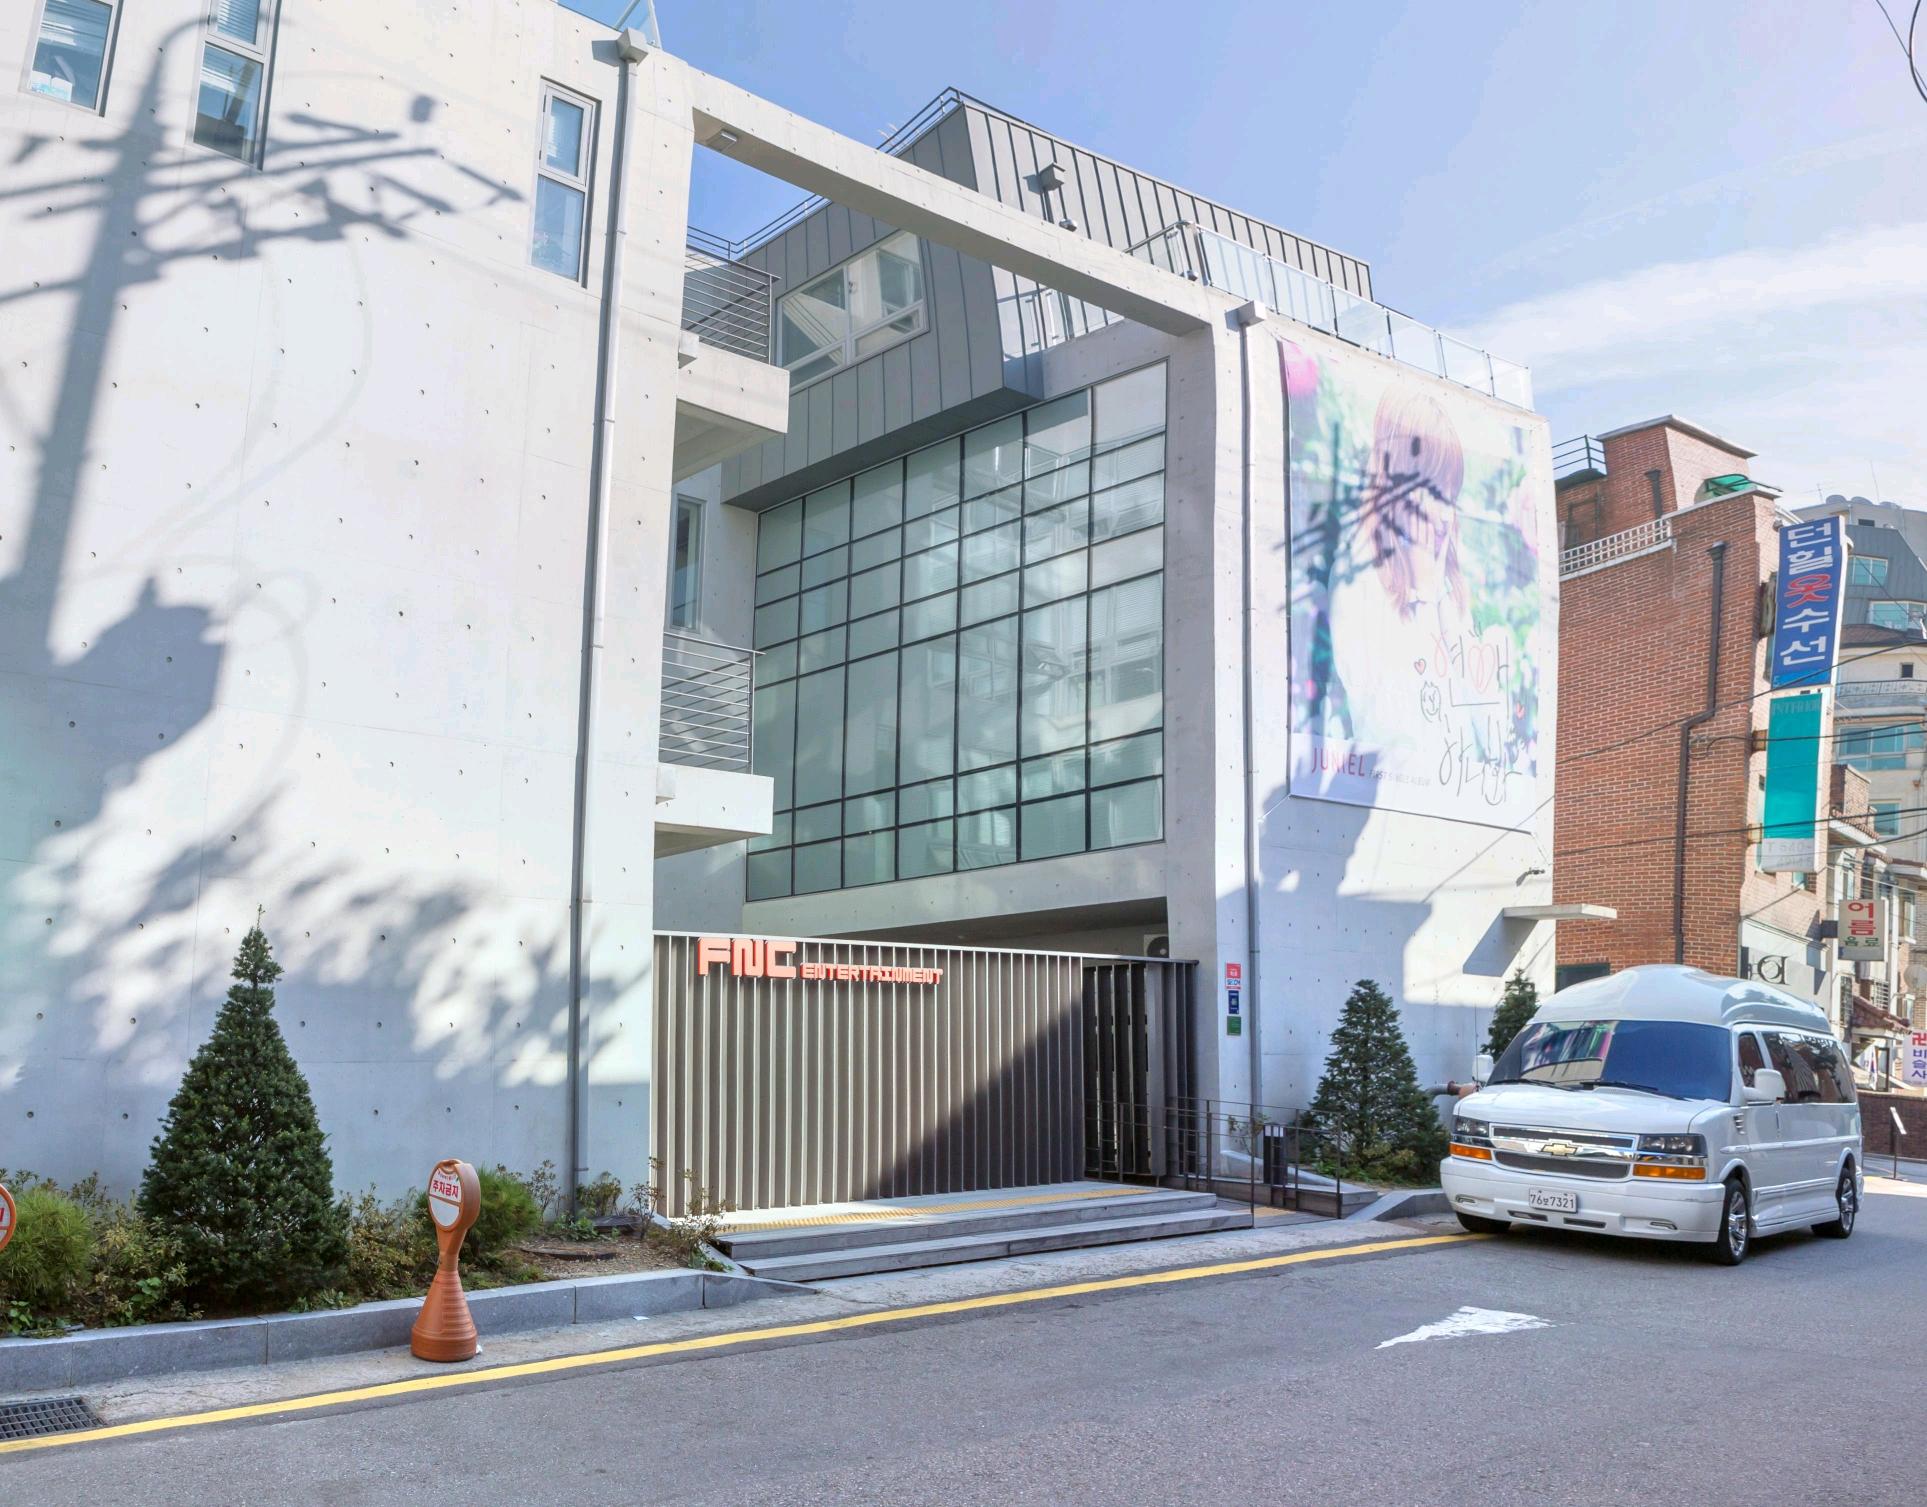 价值数百亿的爱豆公司大楼TOP10,新四大的洗牌差距原来这么大